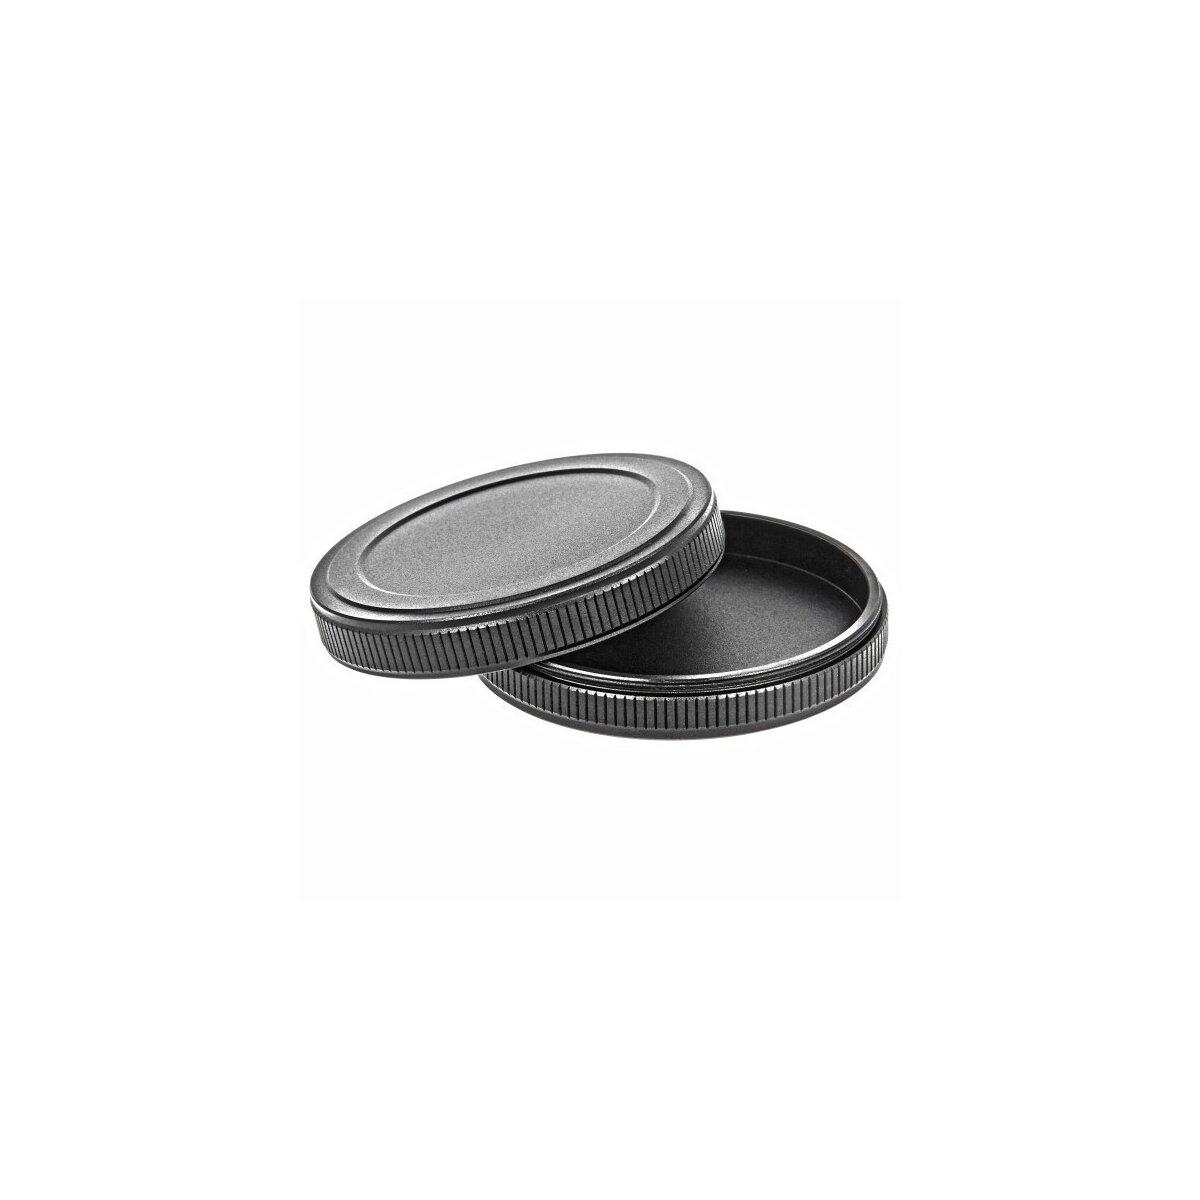 Aluminium Filter-Schutzdeckel / Schraub-Filterkappen fuer 62mm Filter